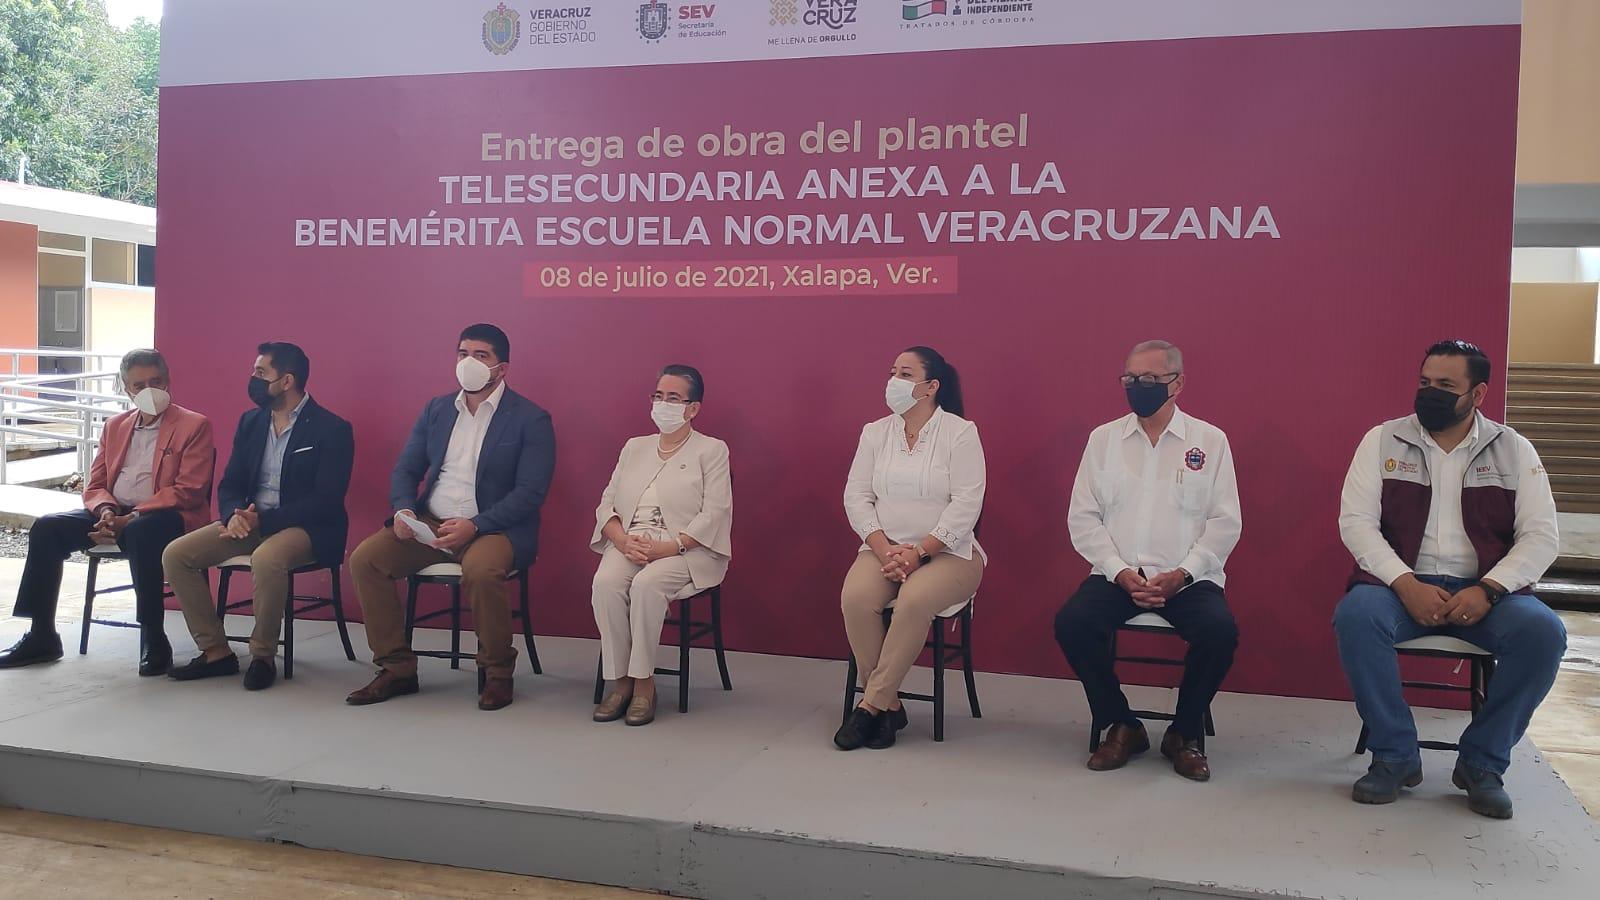 Detienen a banda de saqueadores de escuelas en Veracruz-Boca del Río: Secretario